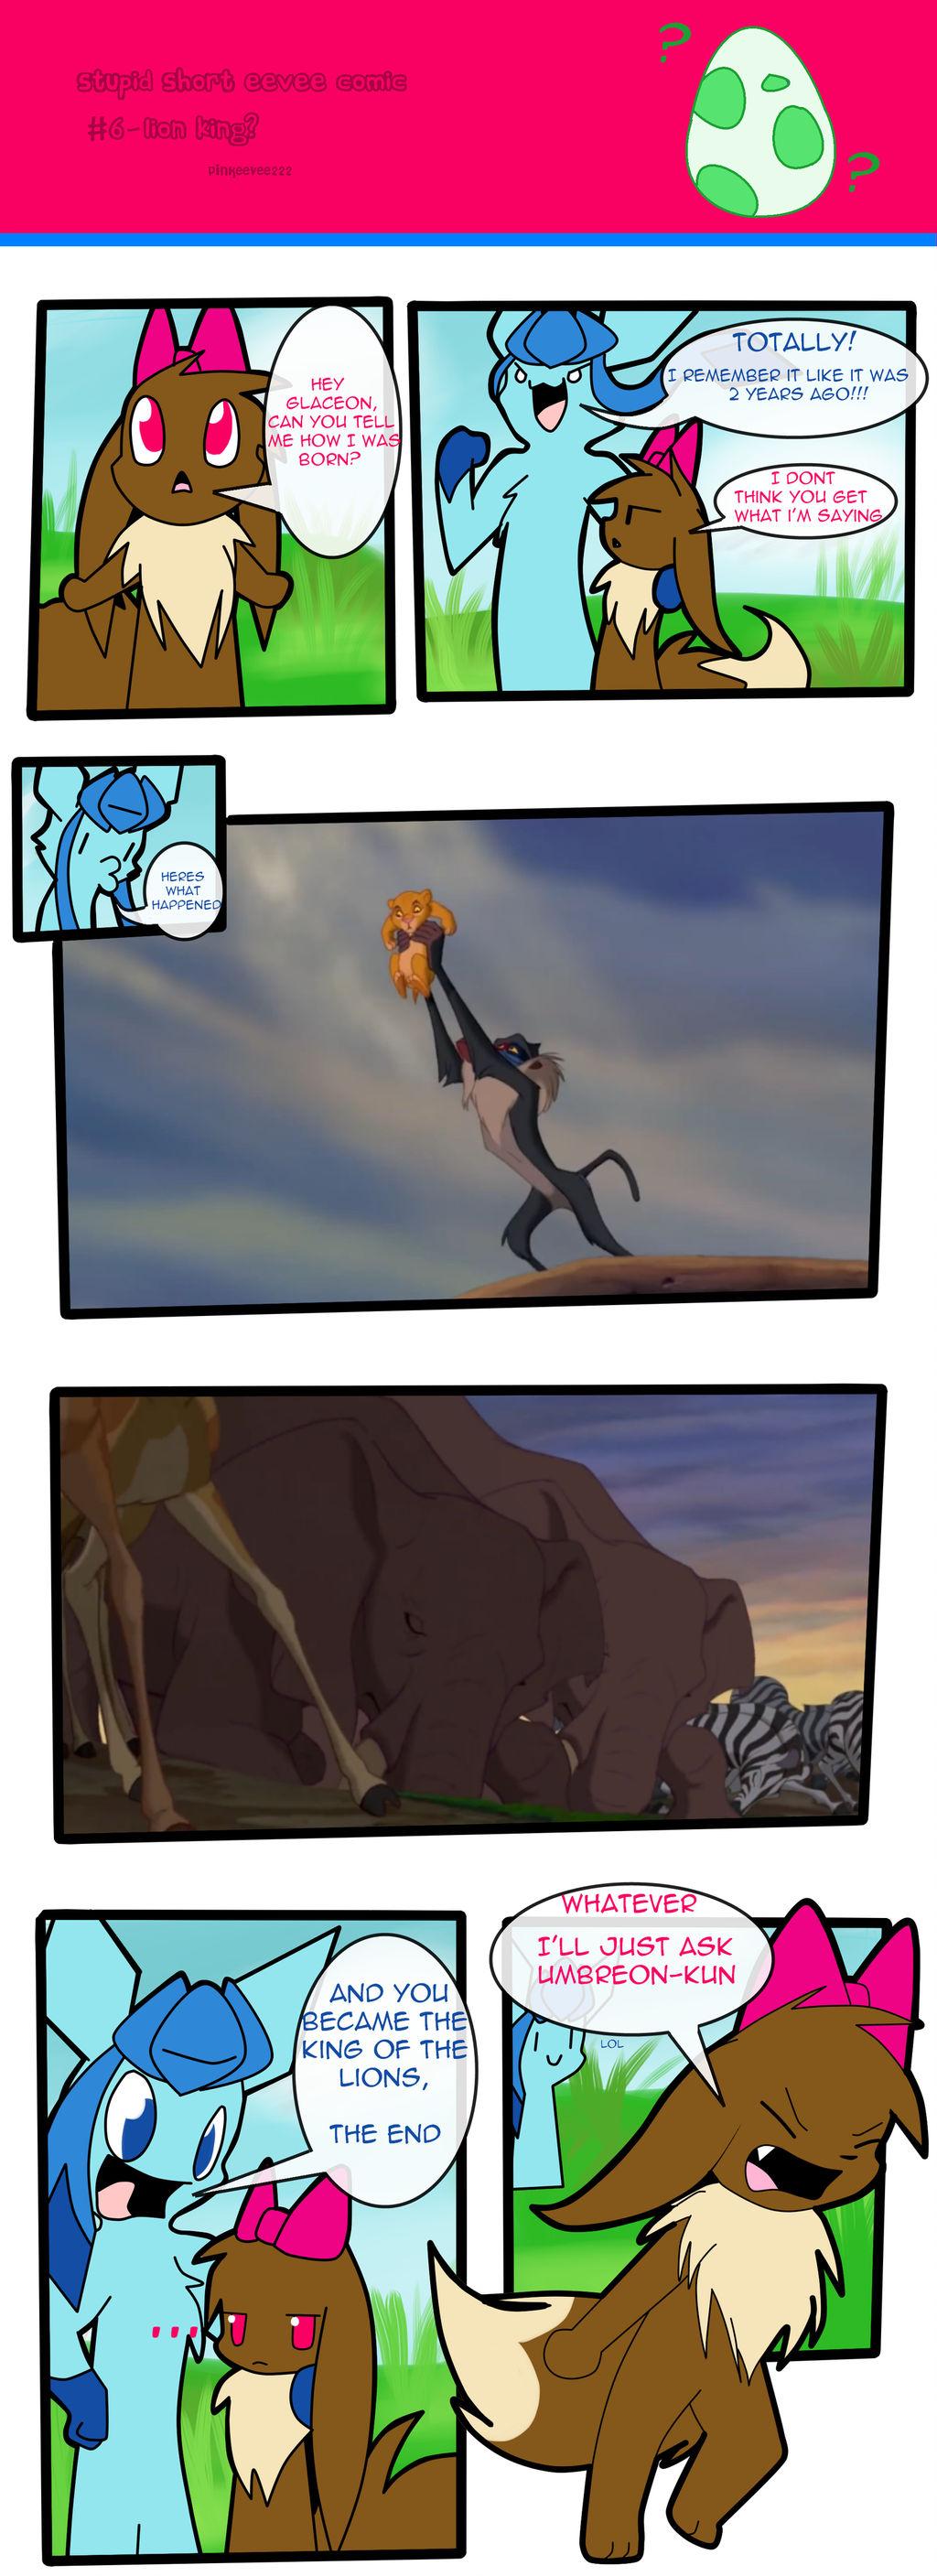 Stupid short eevee comic 6 by pinkeevee222